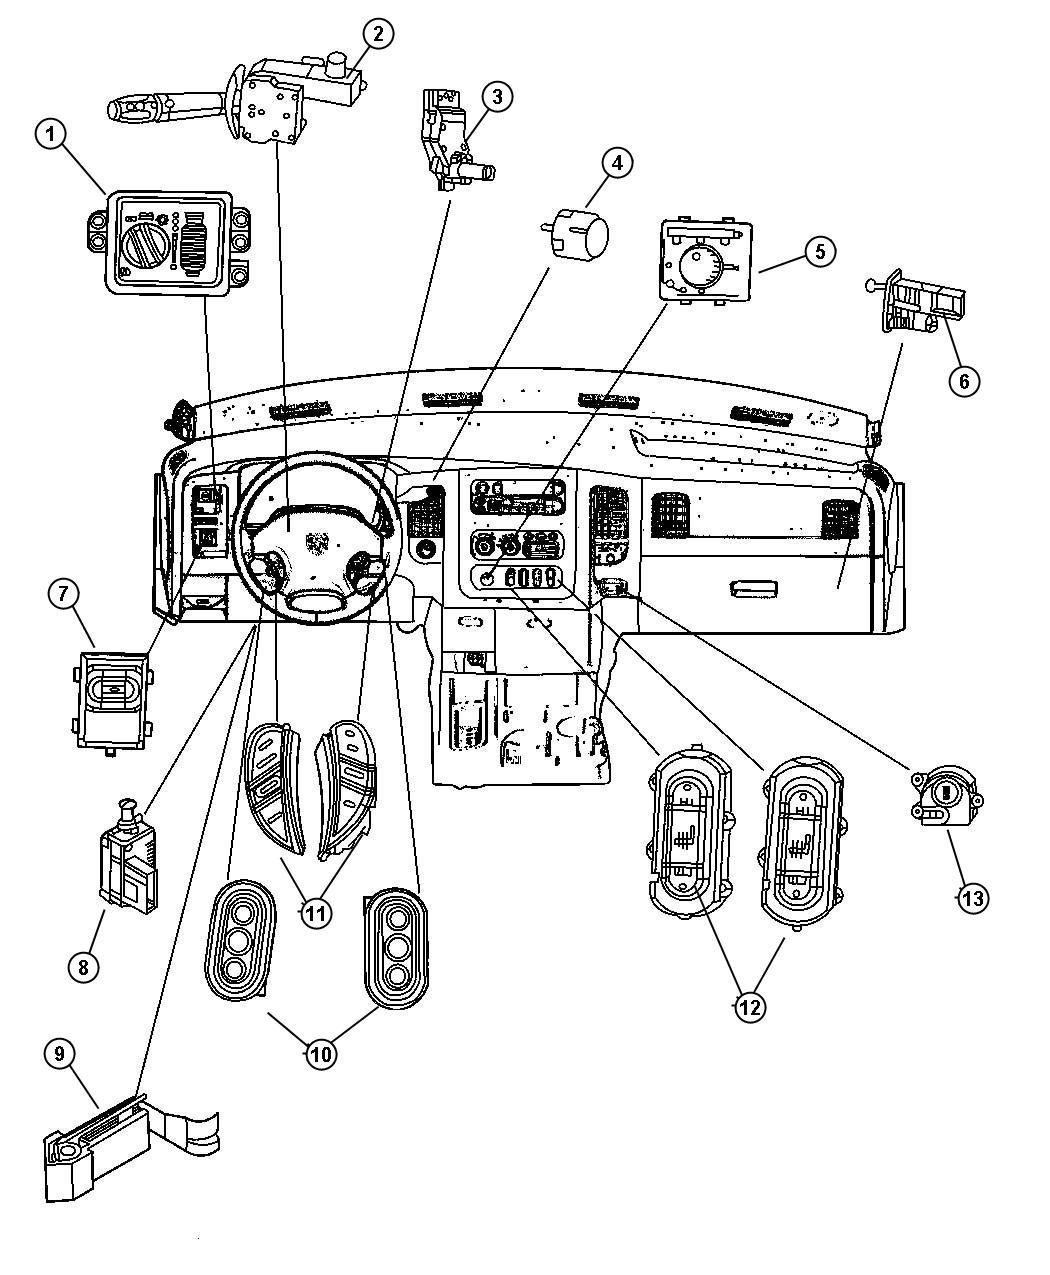 tags: #dodge magnum fuse panel diagram#2006 dodge 3500 fuse diagram#2009 dodge  ram 2500 fuse diagram#2008 dodge charger fuse box diagram#fuse panel 2006